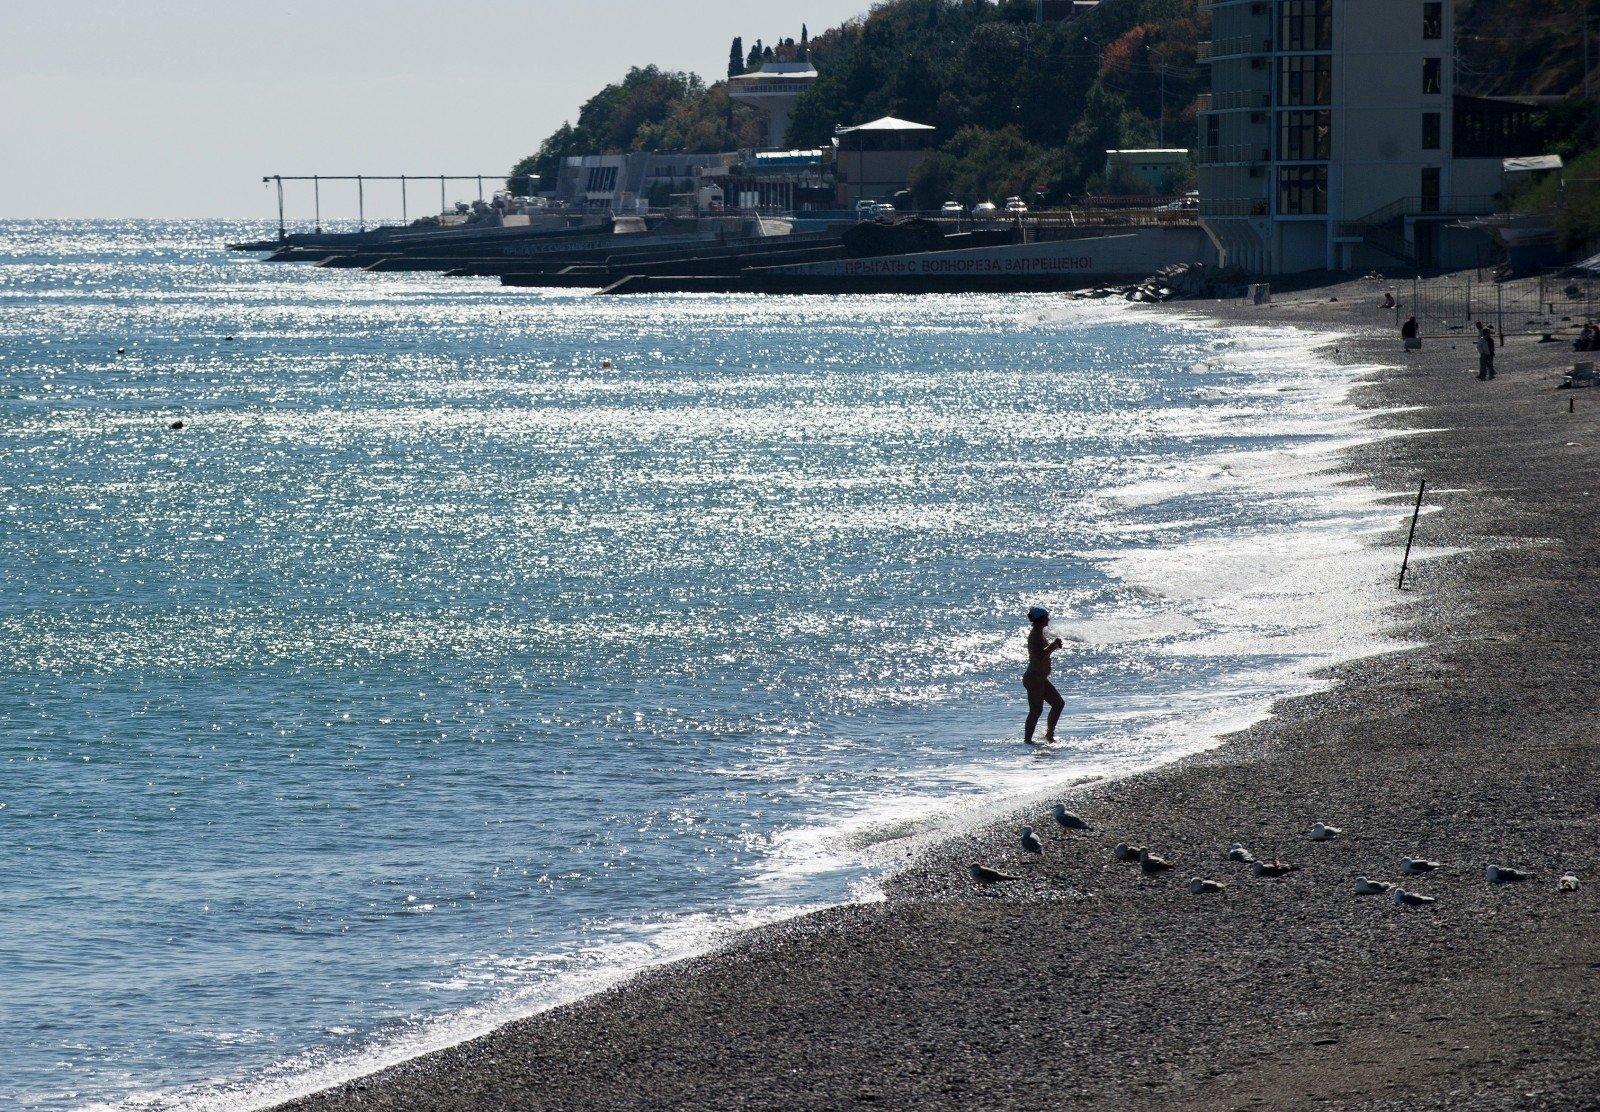 ТуроператорыРФ: Поток туристов вКрым упал практически на40%